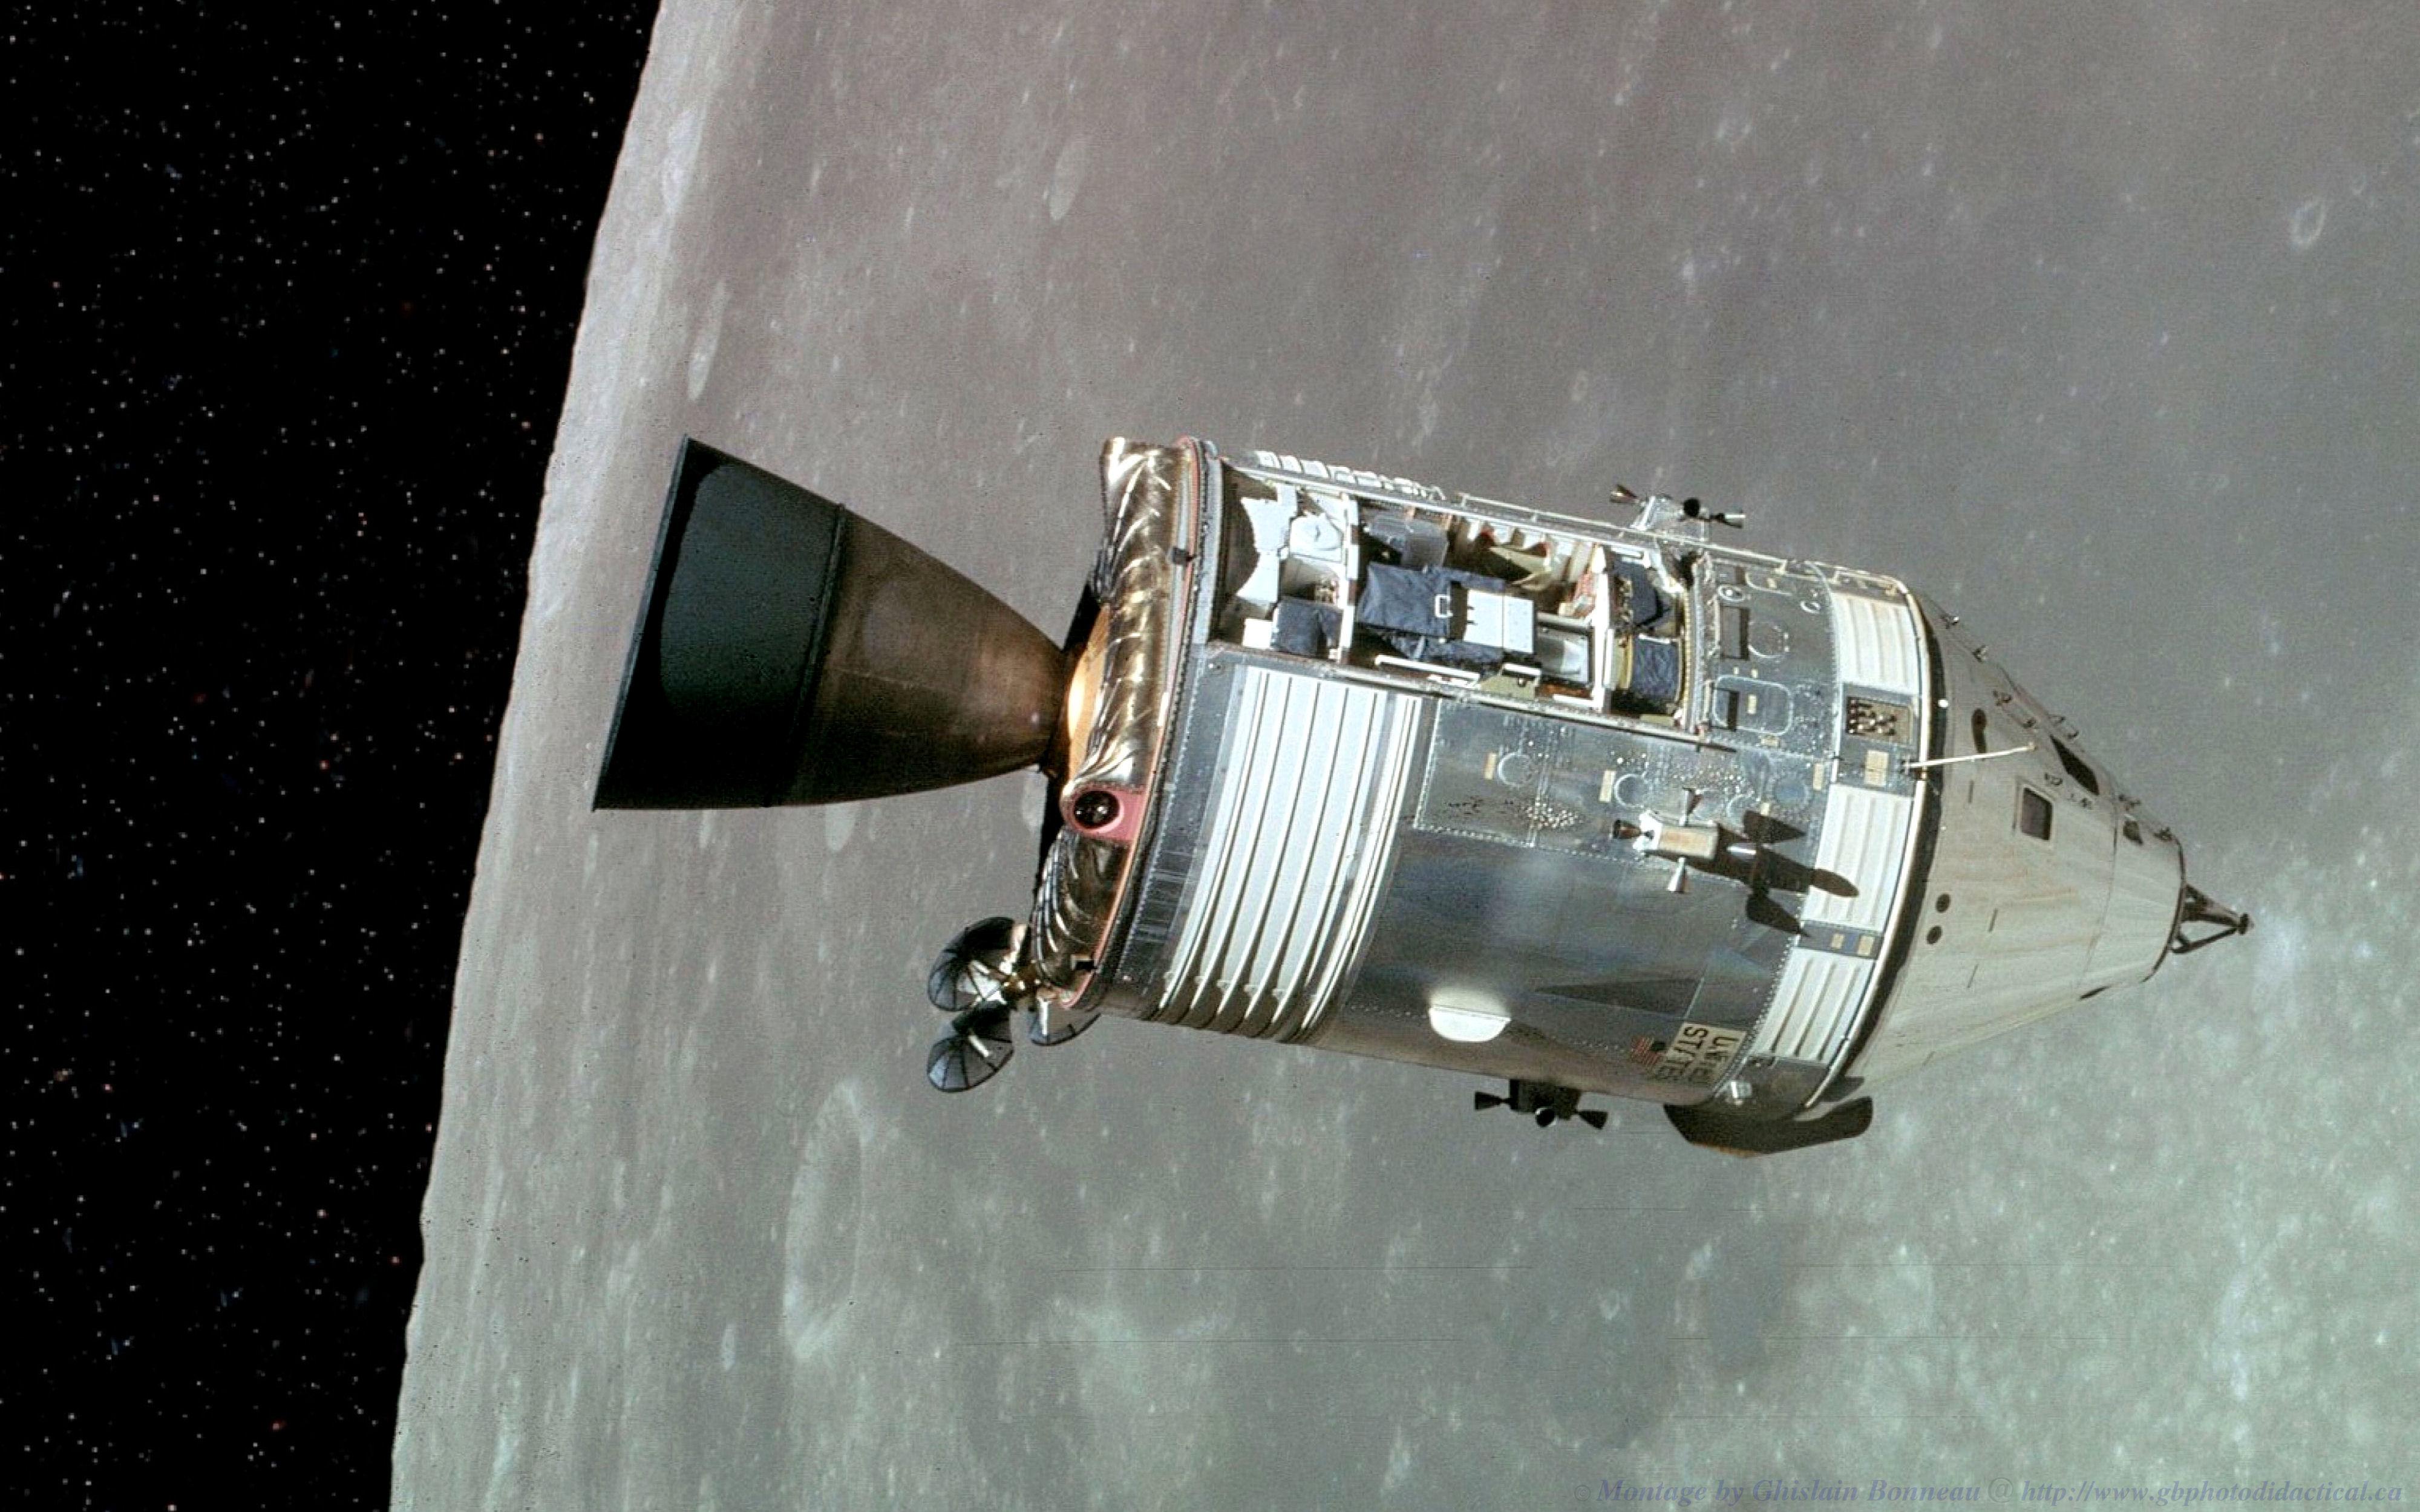 Apollo 15 spacecraft.